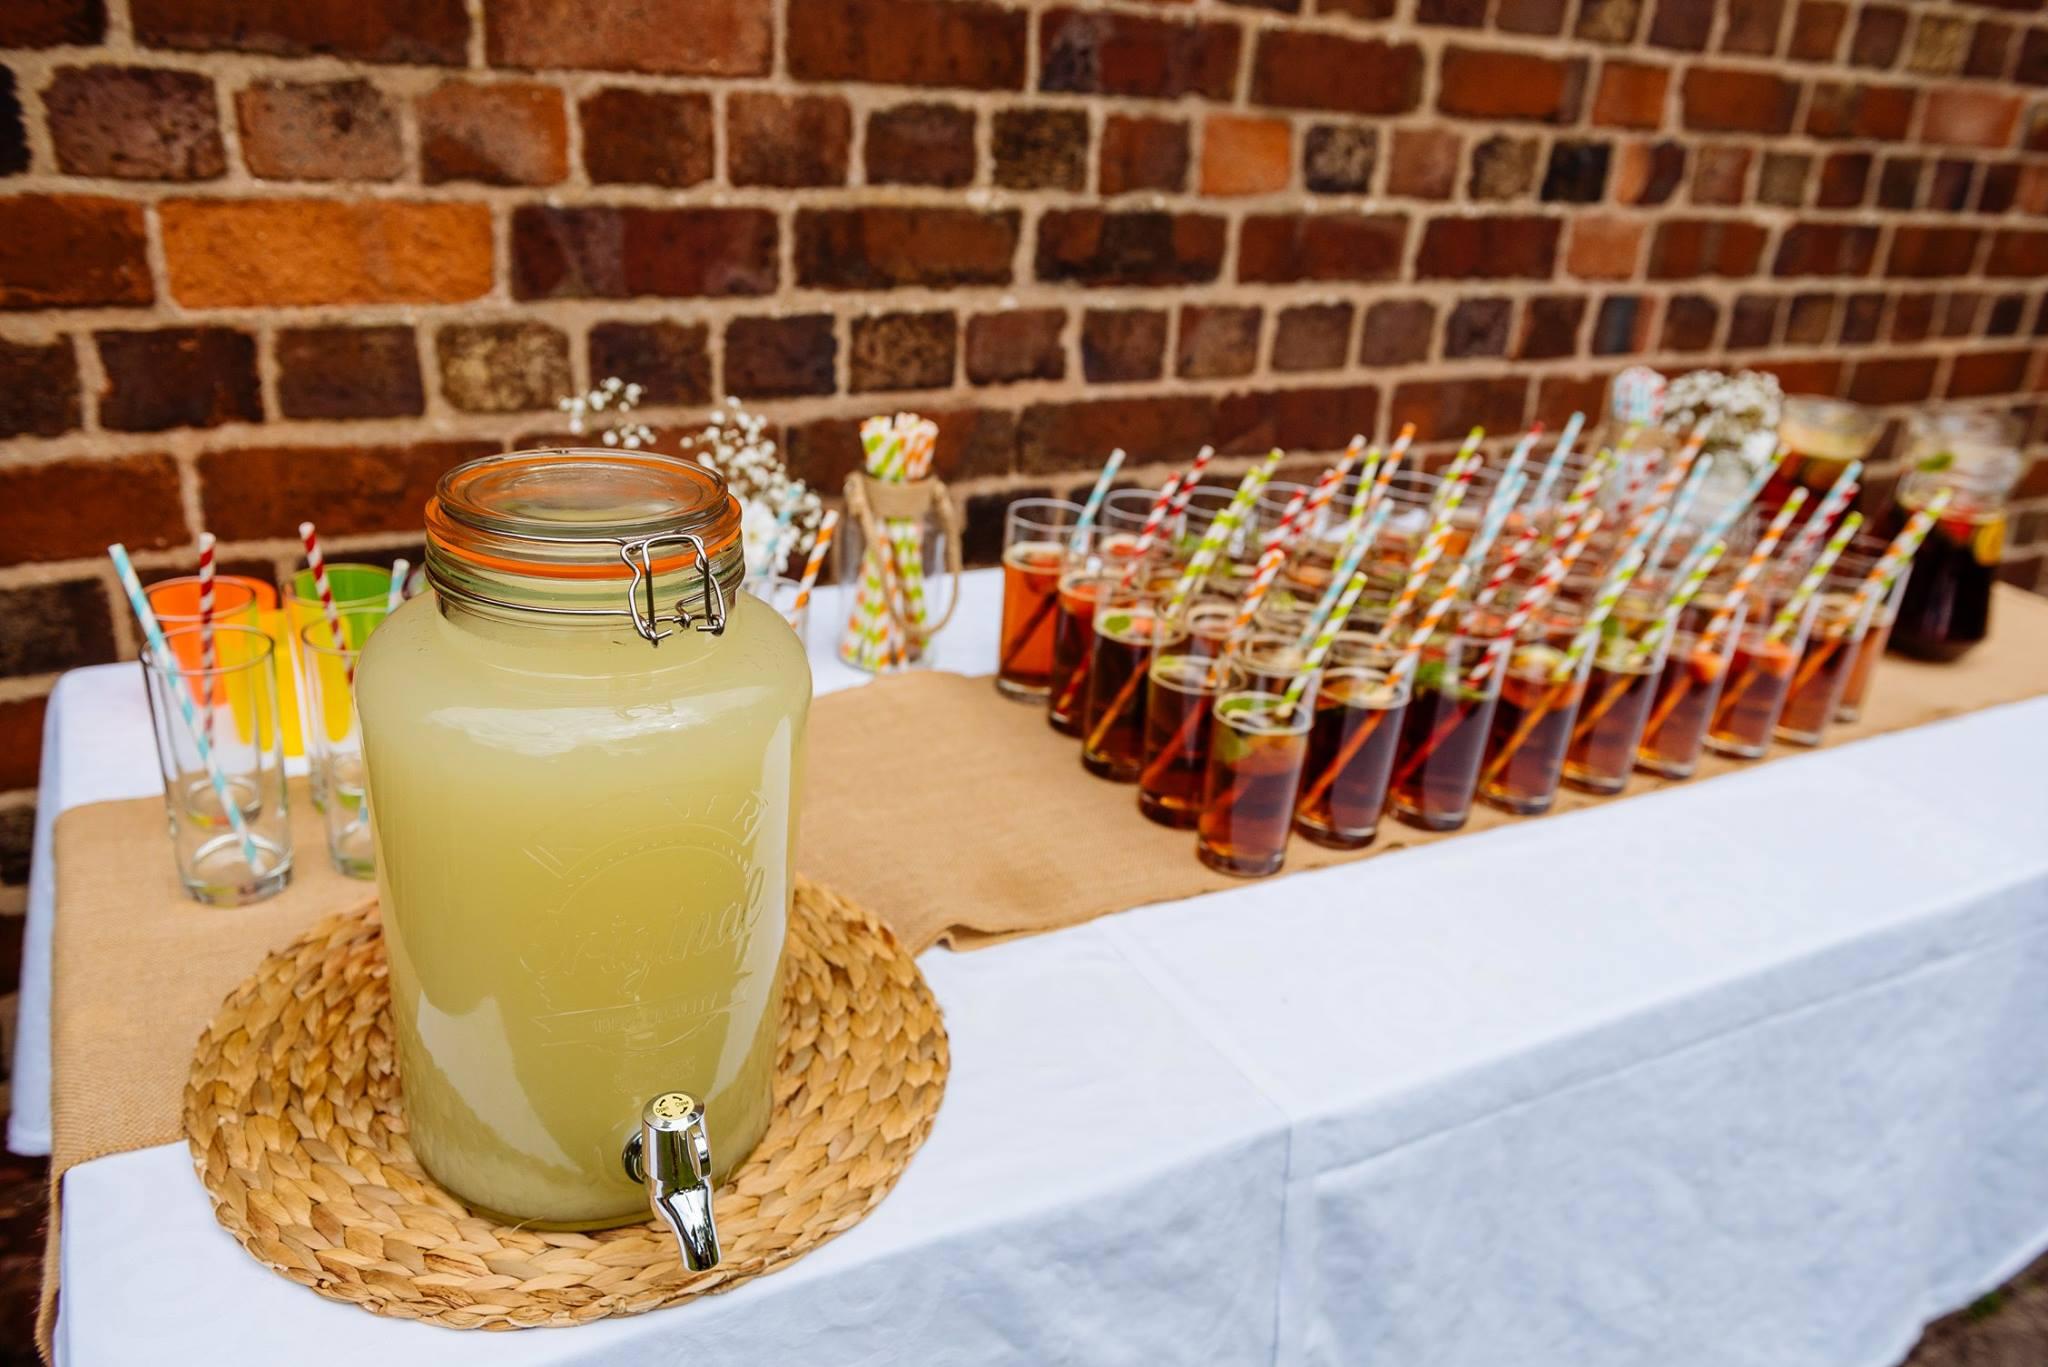 Cloudy Lemonade Kilner